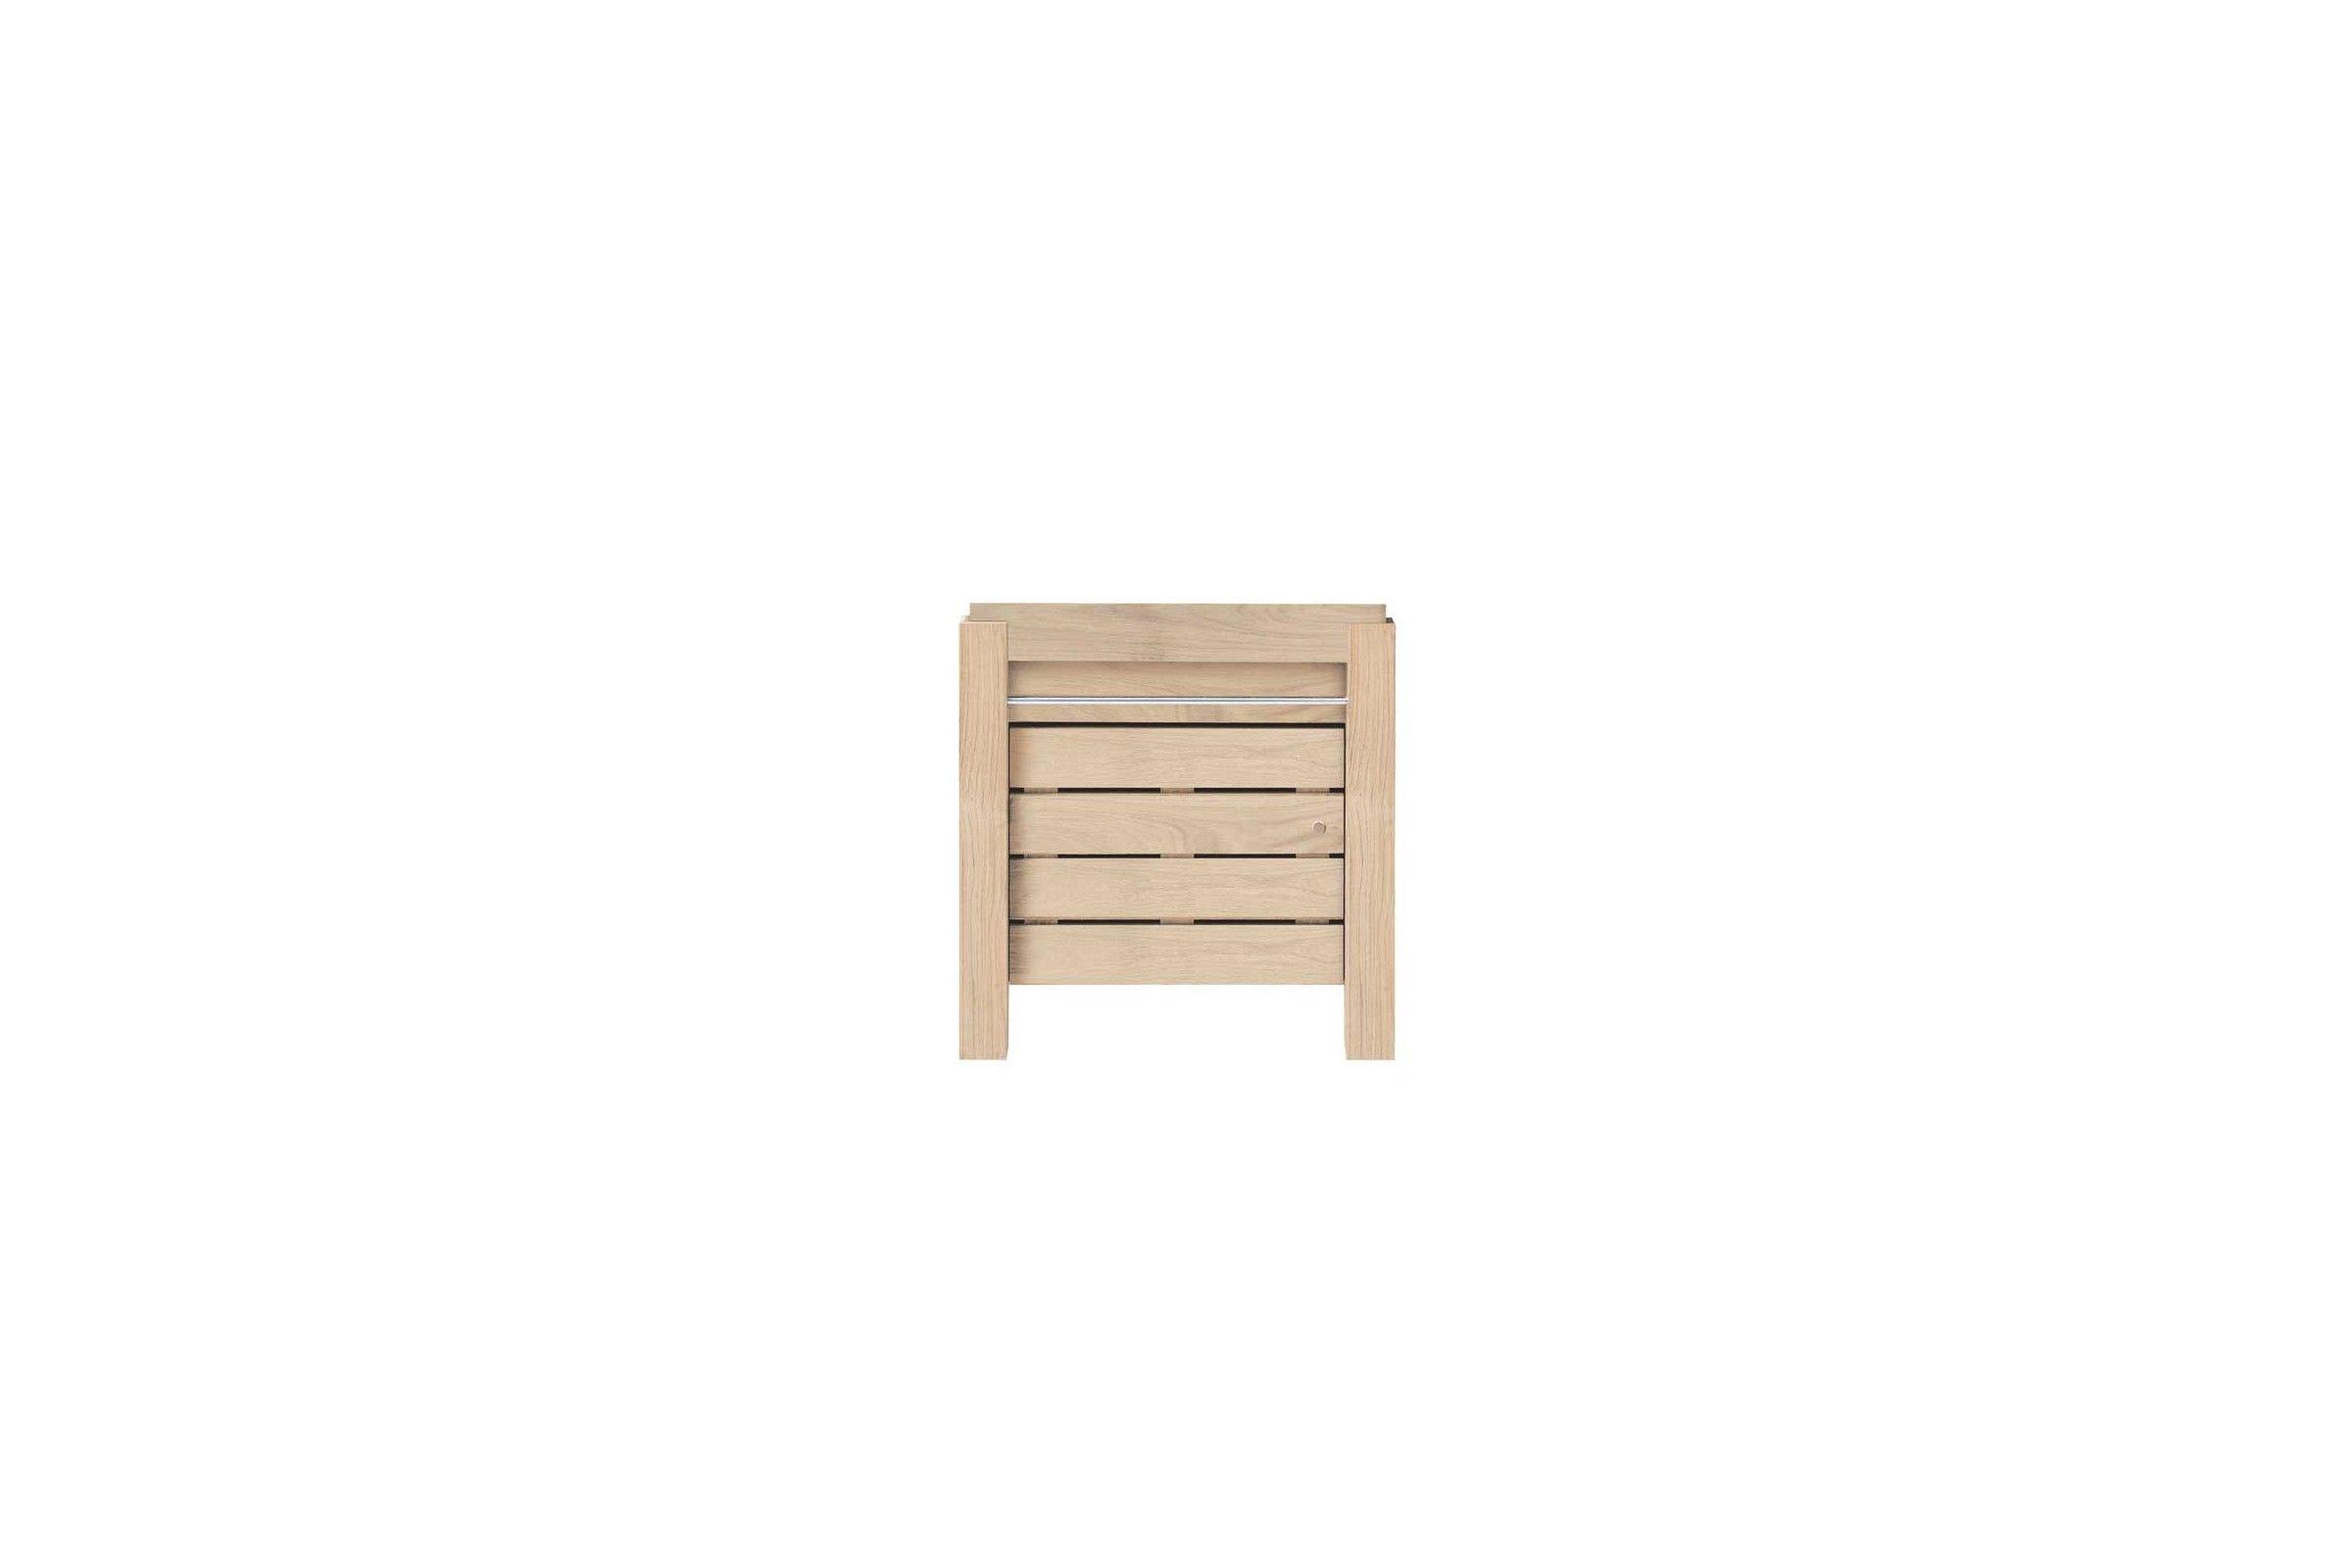 meuble vasque en ch ne massif avec une porte 65 cm la. Black Bedroom Furniture Sets. Home Design Ideas